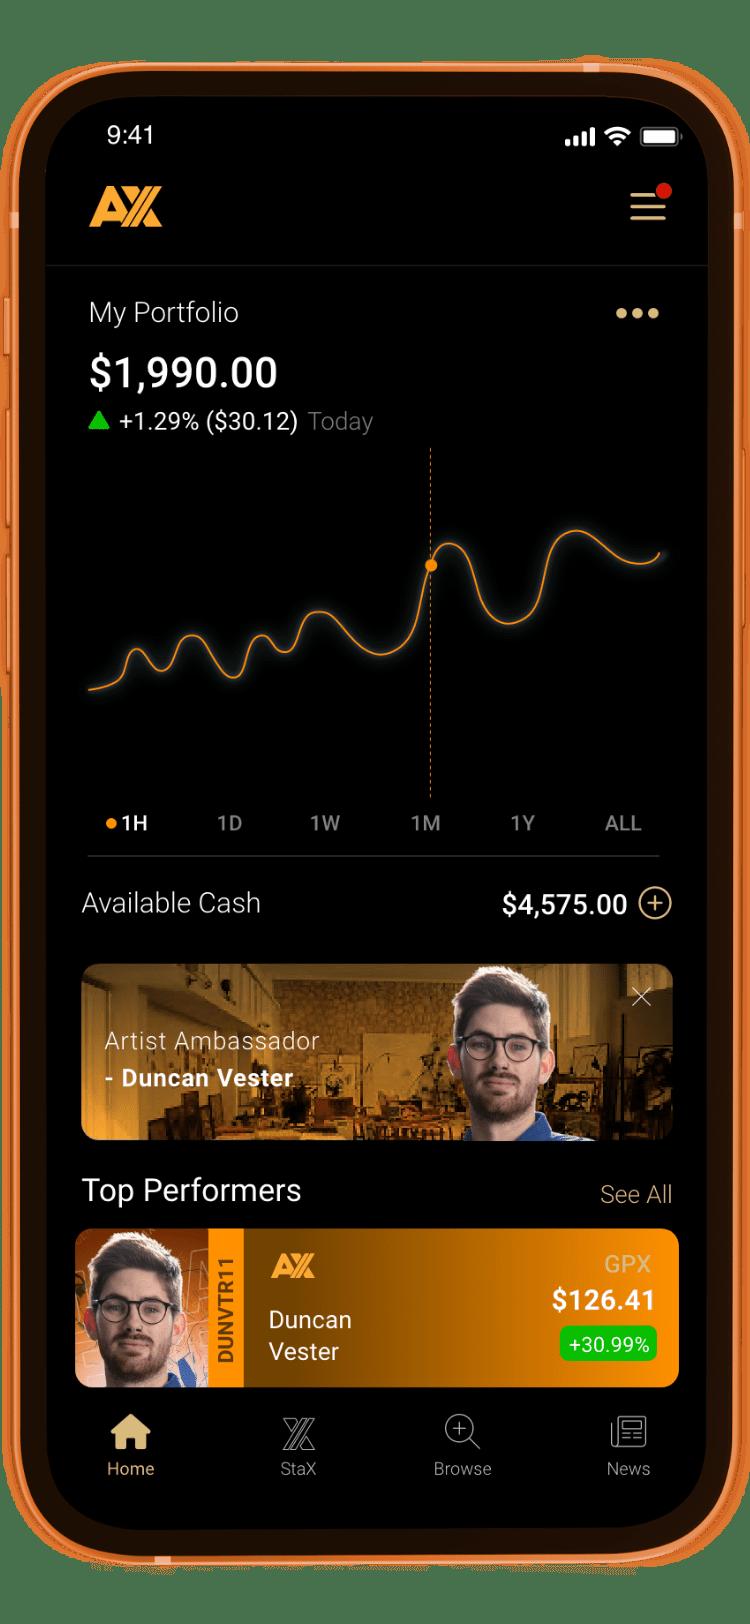 AX Trade Card App Duncan Vester